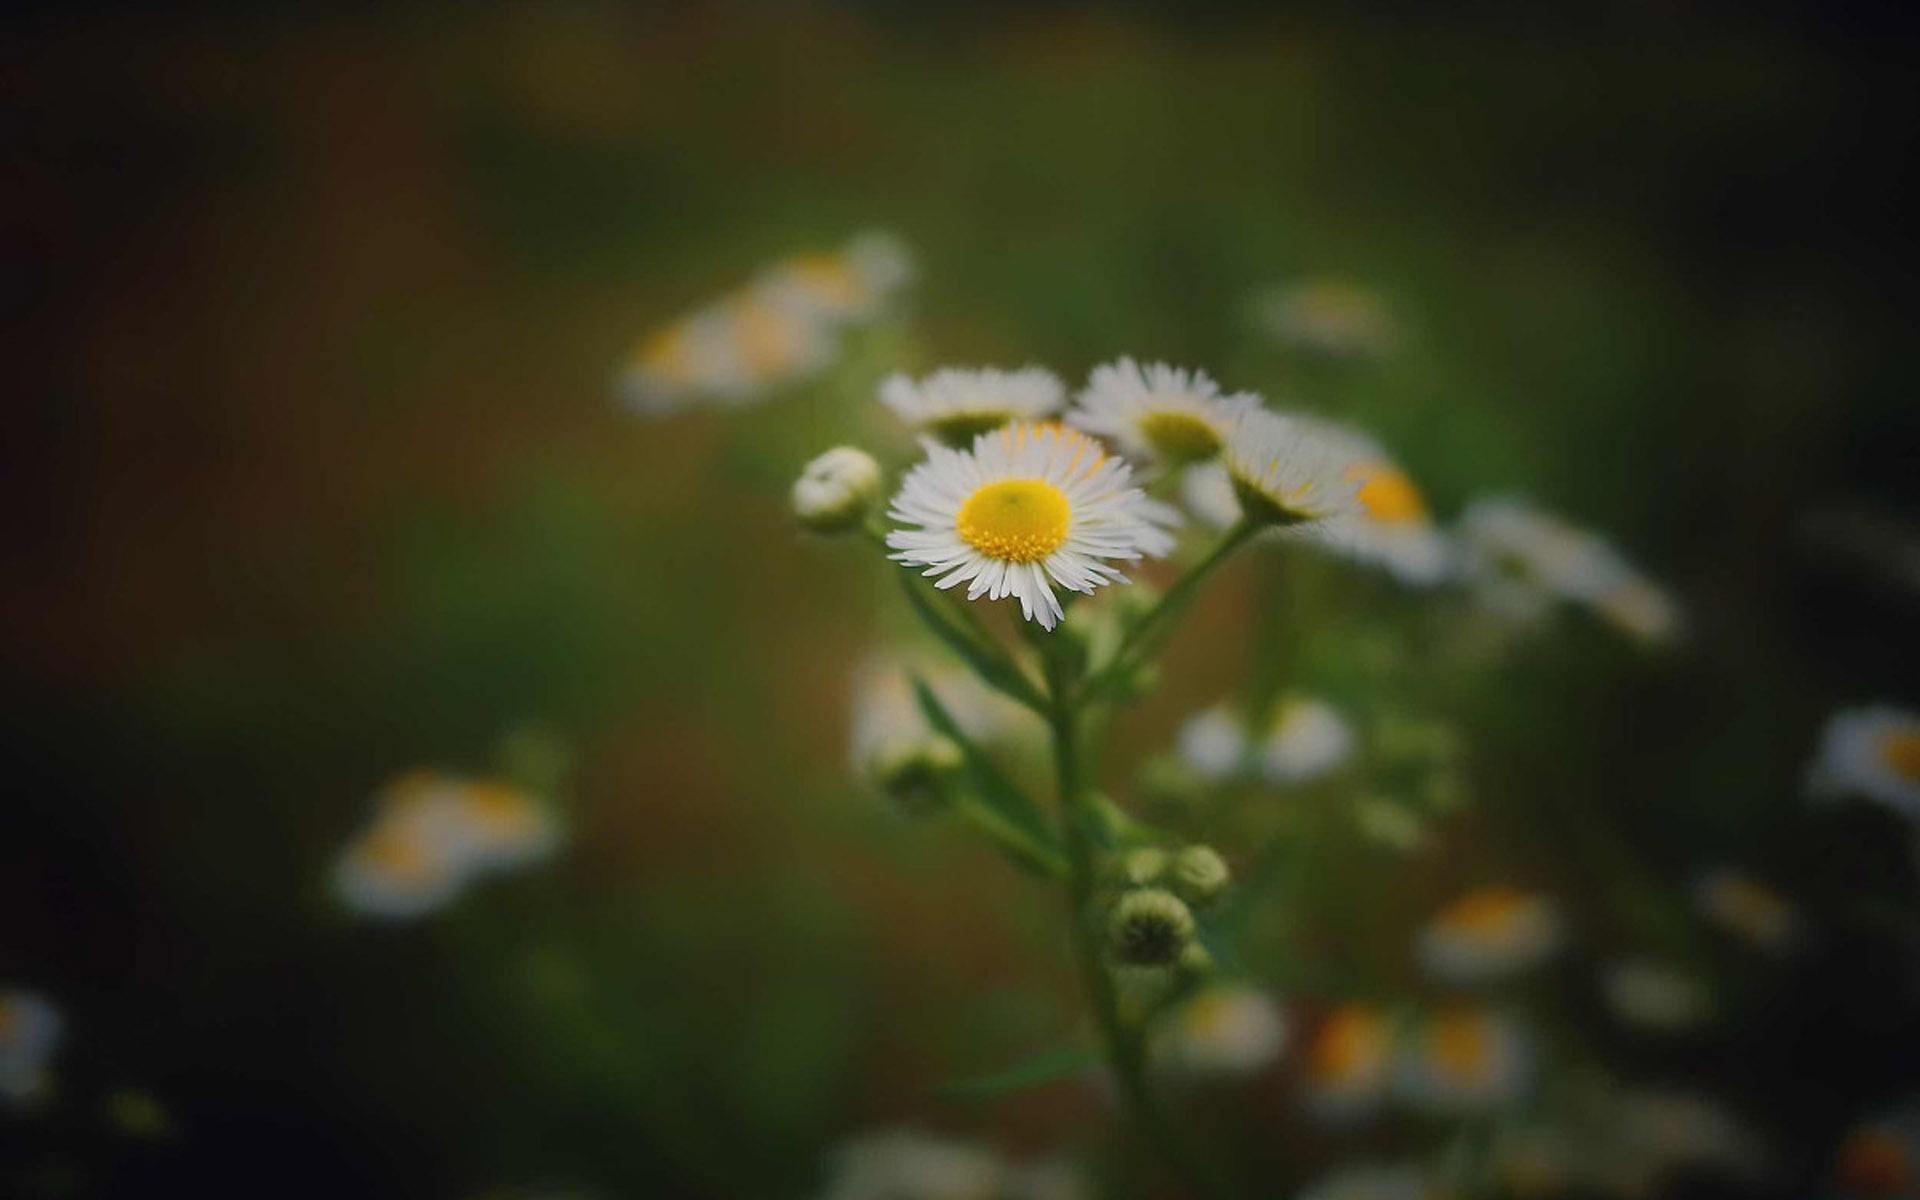 努力生活说说心情短语:愿,活着是幸运的